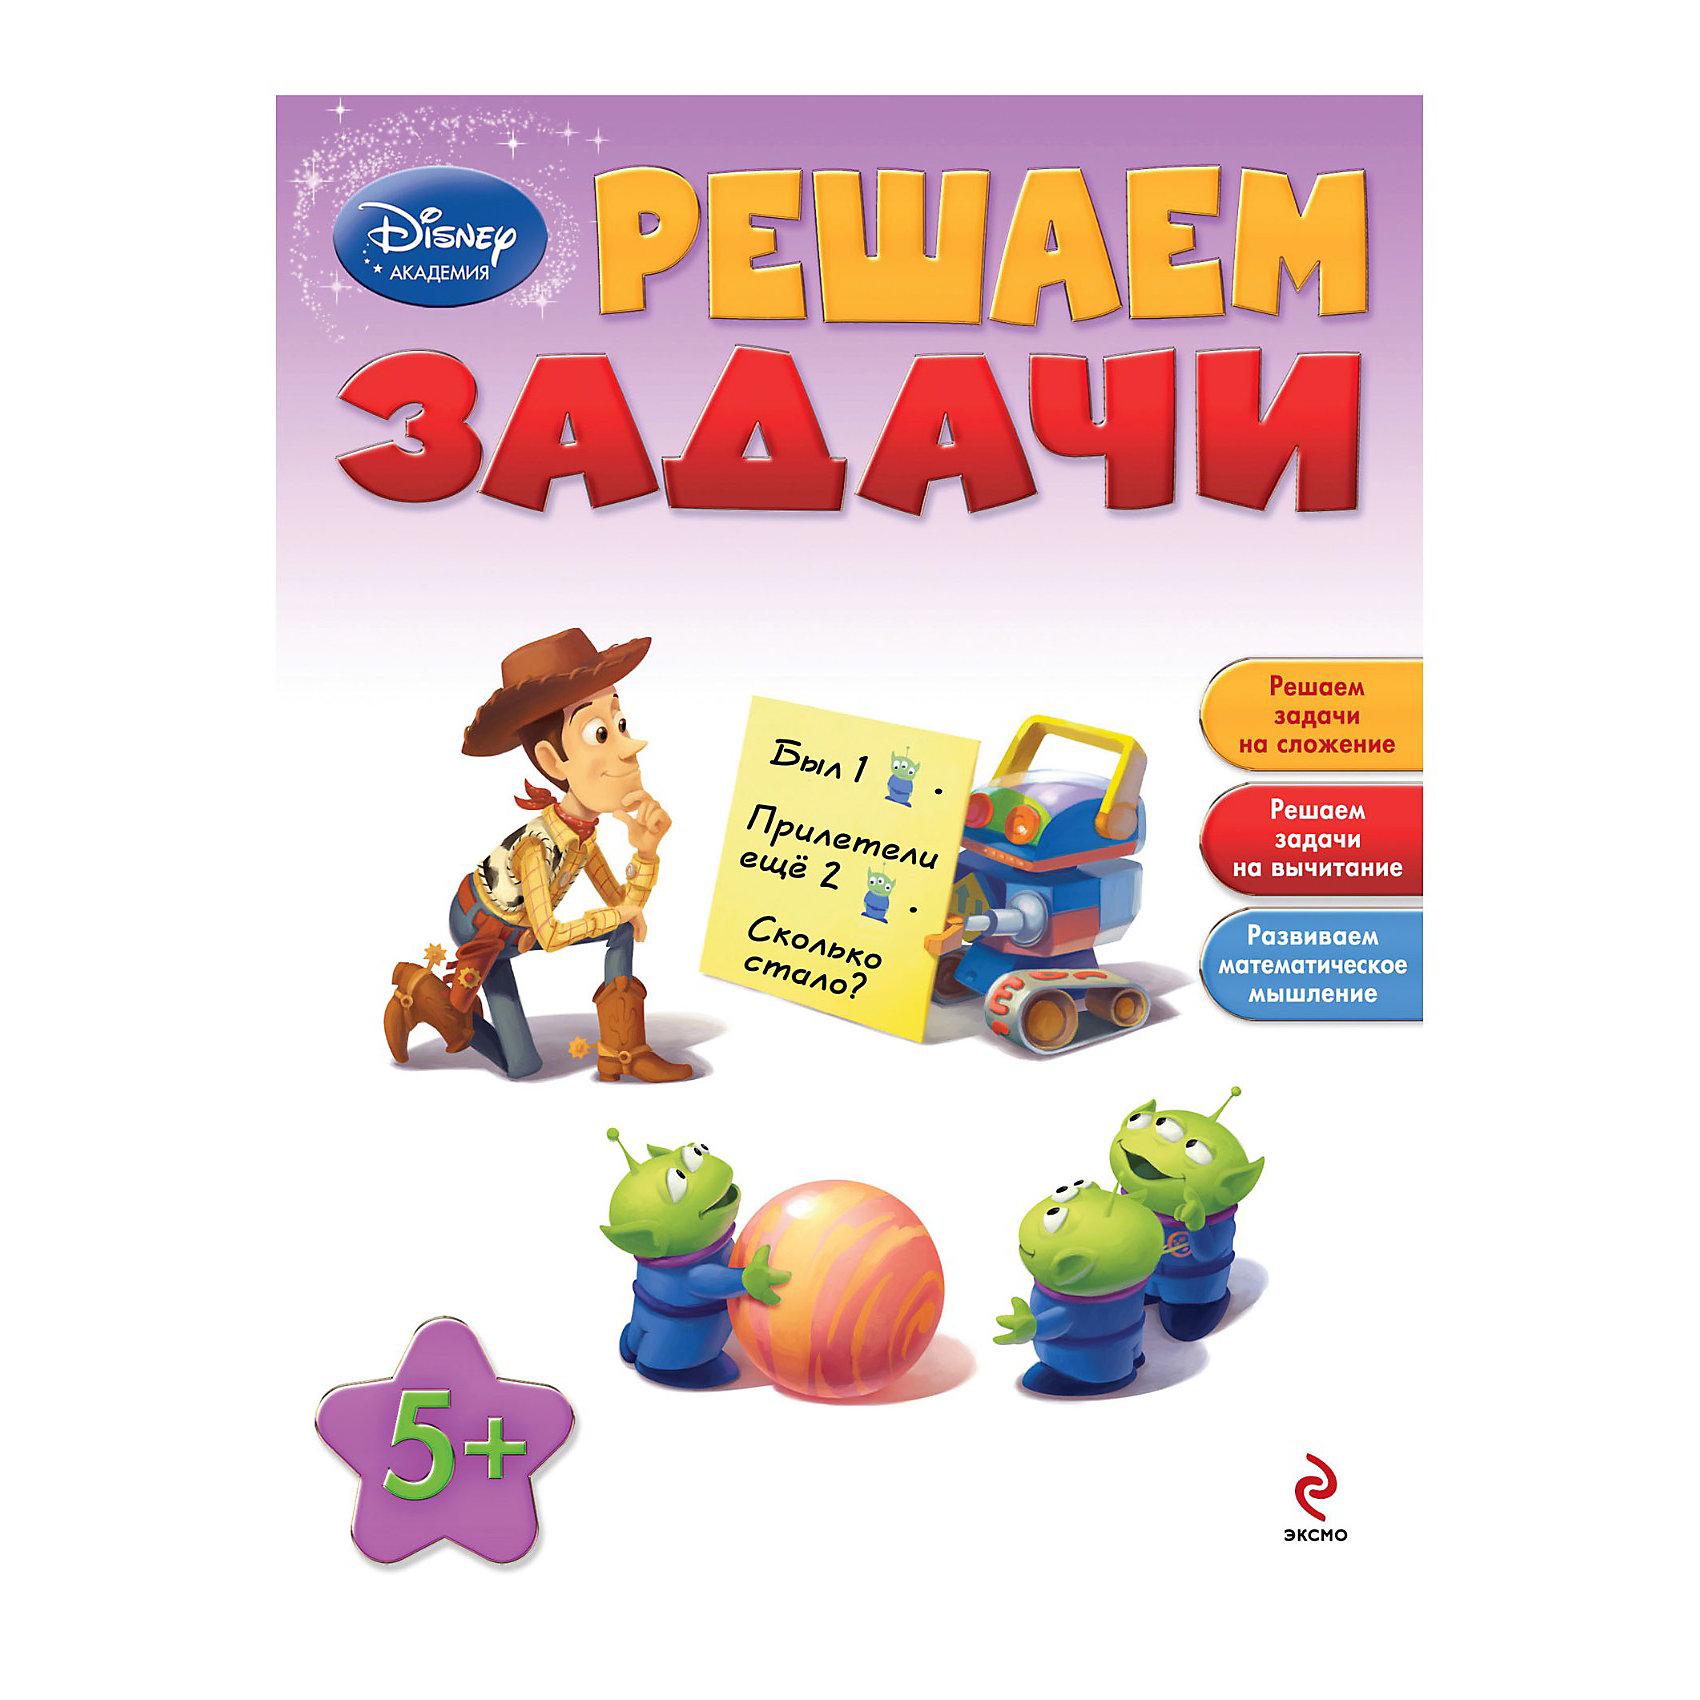 Решаем задачи, Disney АкадемияОбучение счету<br>Занимаясь по этой книге, ребёнок запомнит главные правила сложения и вычитания, научится решать простые задачки различными способами, а главное - разовьёт логическое и математическое мышление. И всё это – в компании любимых героев Disney, которые с удовольствием придут малышу на помощь!<br><br>Дополнительная информация:<br>- редактор:  А. Жилинская<br>- иллюстрации:  цветные<br>- кол-во страниц: 48<br>- формат: 60х84/8 (210х280 мм)<br>- переплет: мягкий<br><br>Решаем задачи, Disney Академия, Эксмо содержит в себе интересные и разнообразные задания, выполняя которые Вы и Ваш ребенок интересно и с пользой проведете время.<br><br>Книгу Решаем задачи, Disney Академия, Эксмо можно купить в нашем магазине.<br><br>Ширина мм: 280<br>Глубина мм: 210<br>Высота мм: 10<br>Вес г: 135<br>Возраст от месяцев: 60<br>Возраст до месяцев: 96<br>Пол: Унисекс<br>Возраст: Детский<br>SKU: 3665150